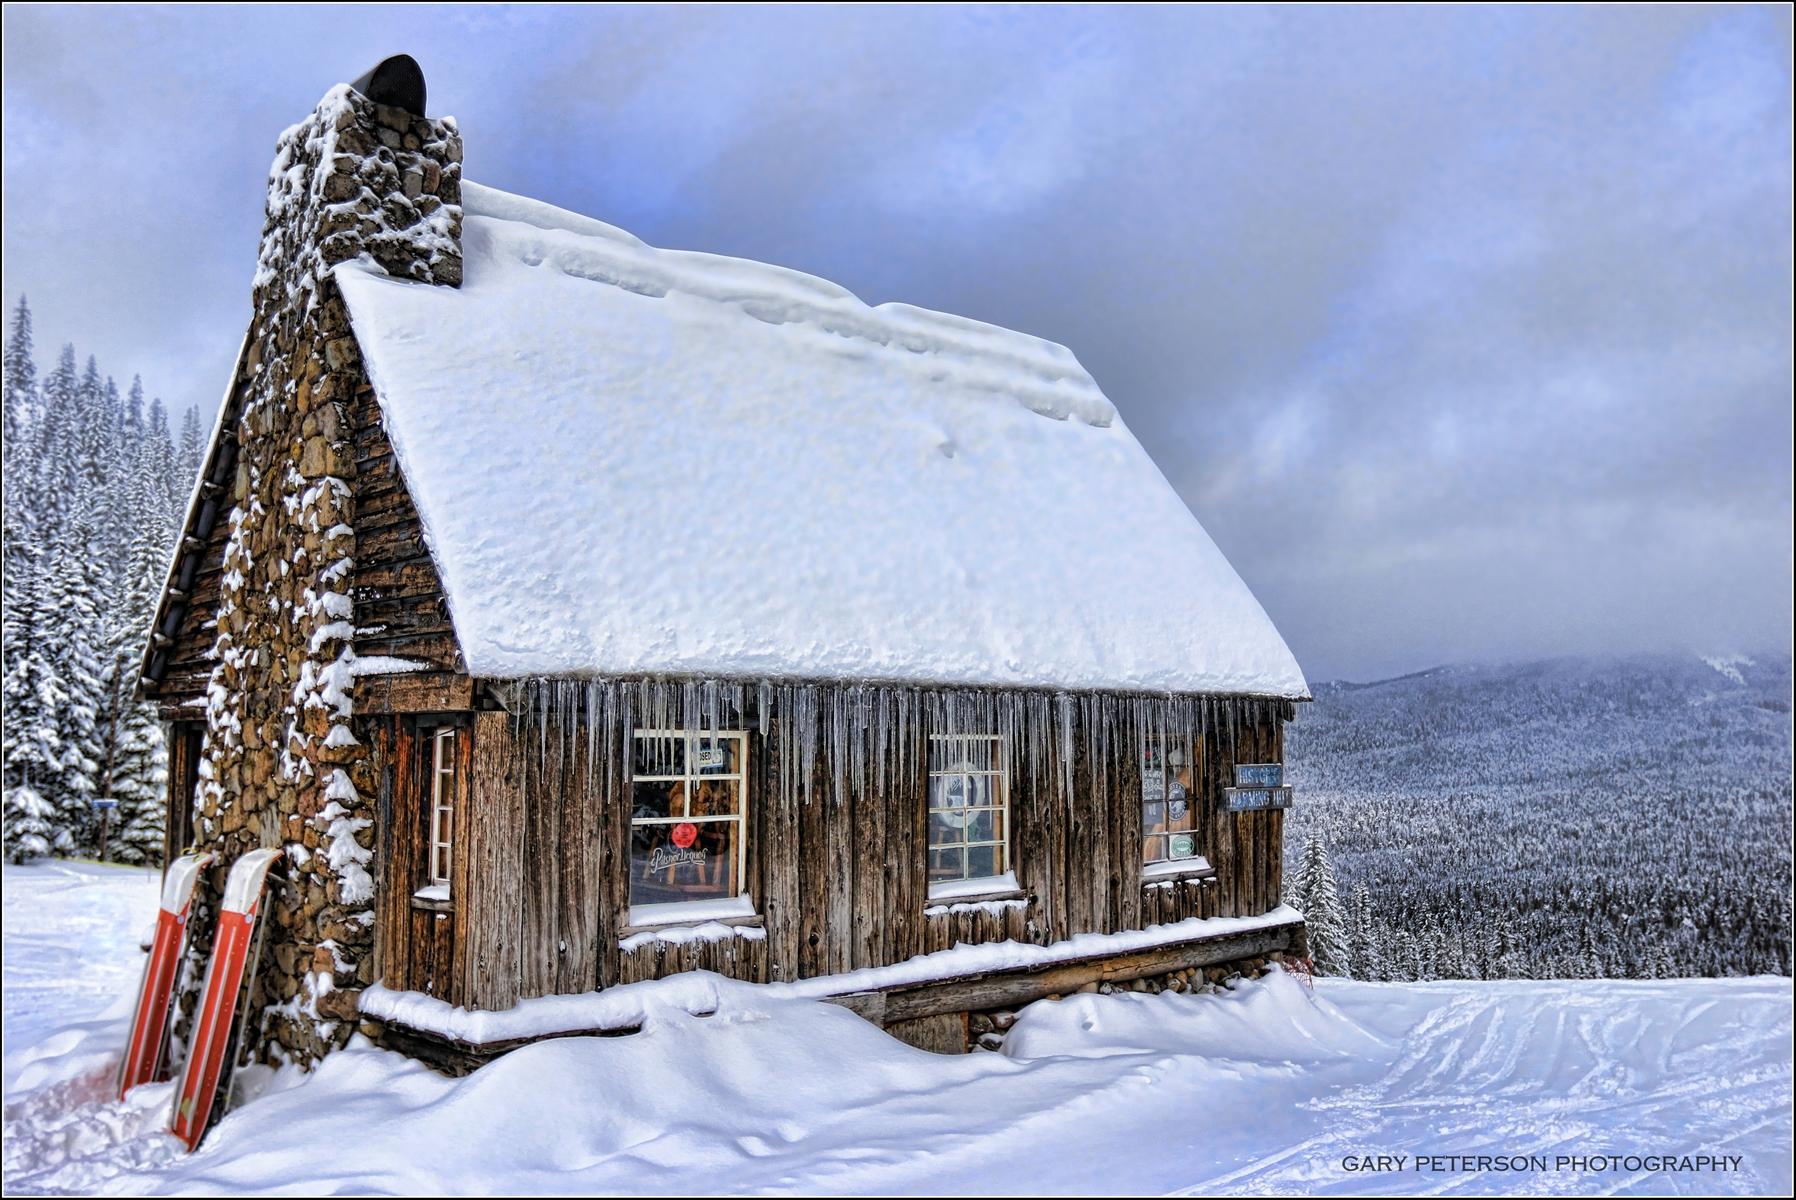 Warming Hut Mt. Hood Skibowl